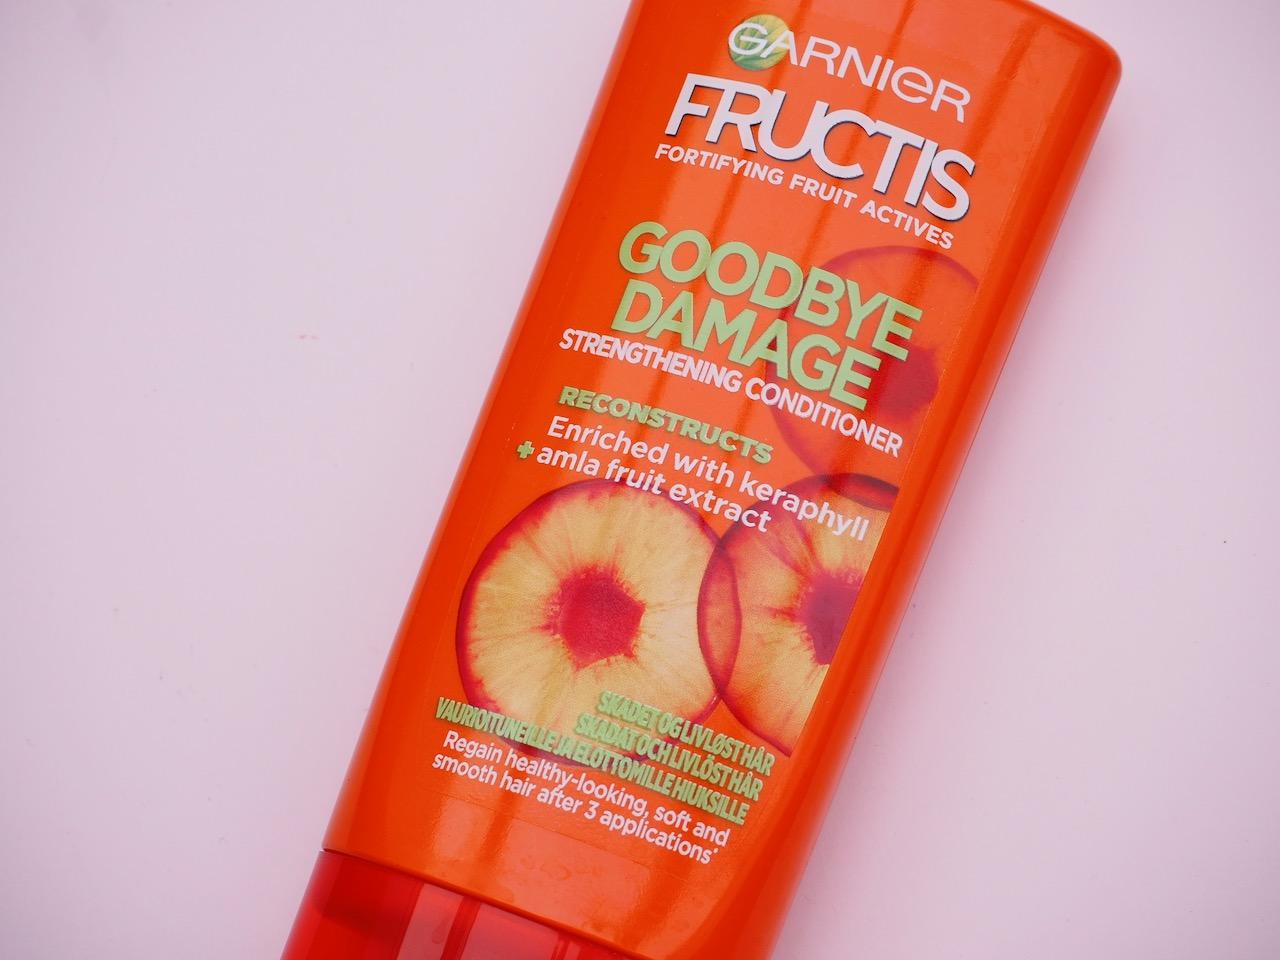 Garnier Goodbye Damage hoitoaine kokemuksia halpa hyvä hoitoaine hiuksille Virve Fredman